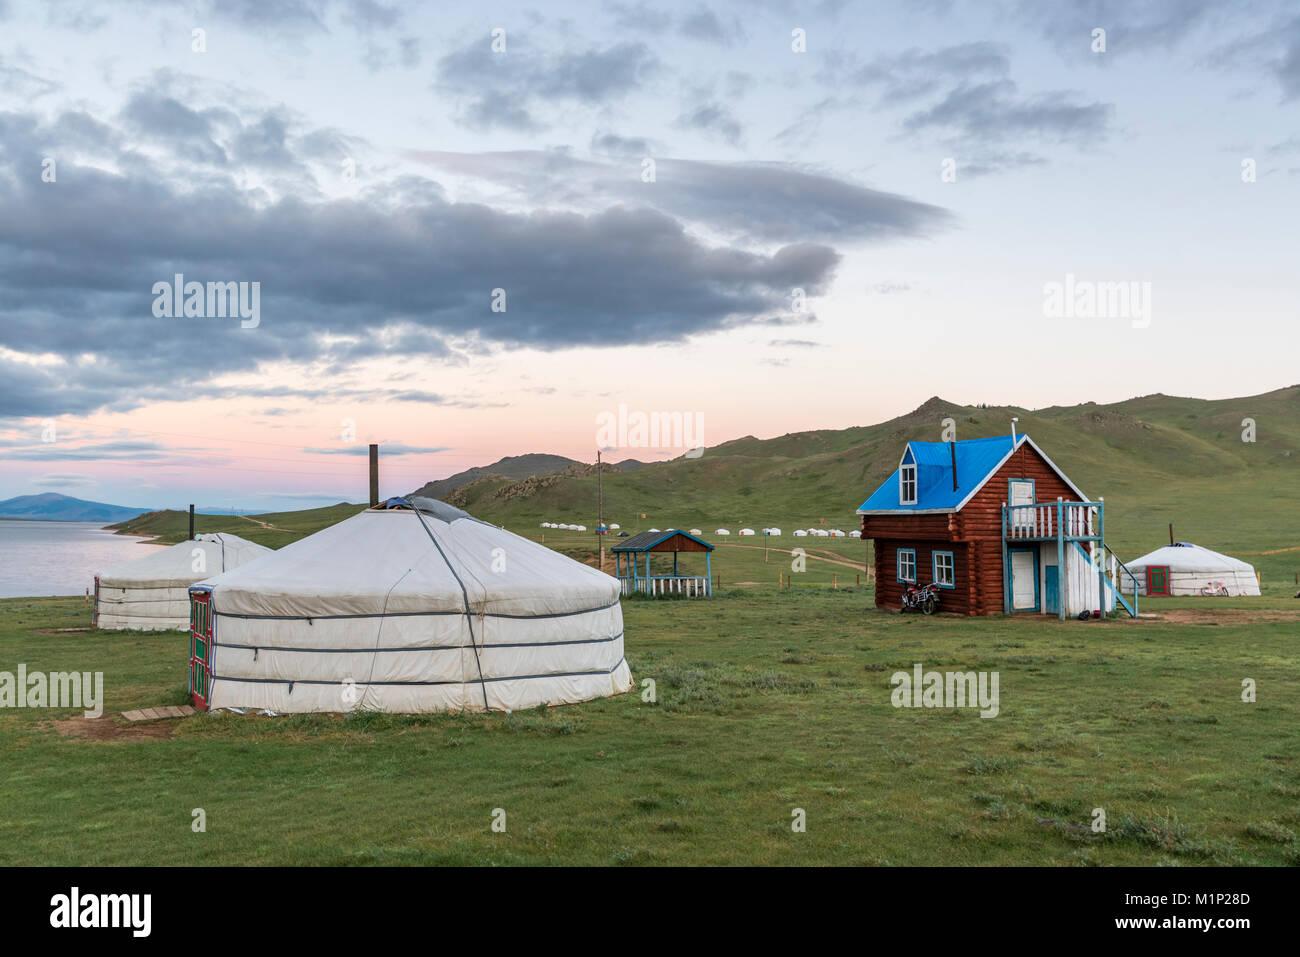 Maison en bois et gers sur les rives du lac White, crétariat district, province Nord Hangay, Mongolie, Asie Photo Stock